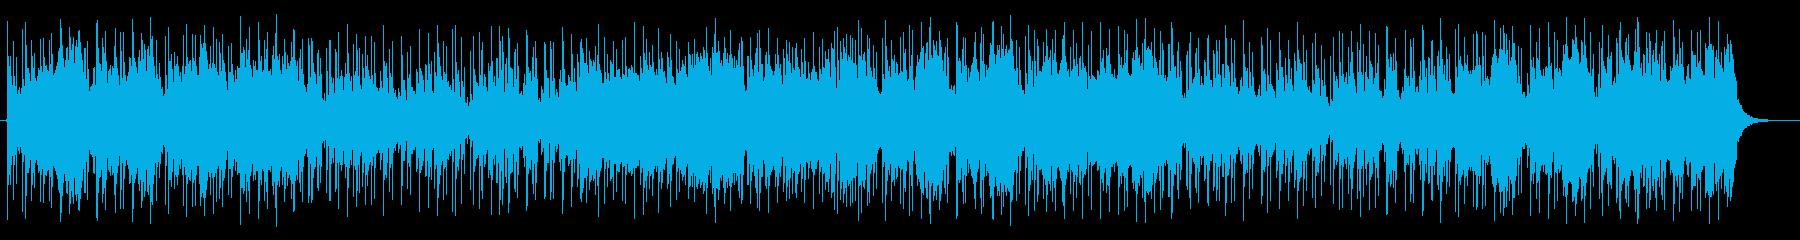 リズミカルで軽快なピアノポップサウンドの再生済みの波形